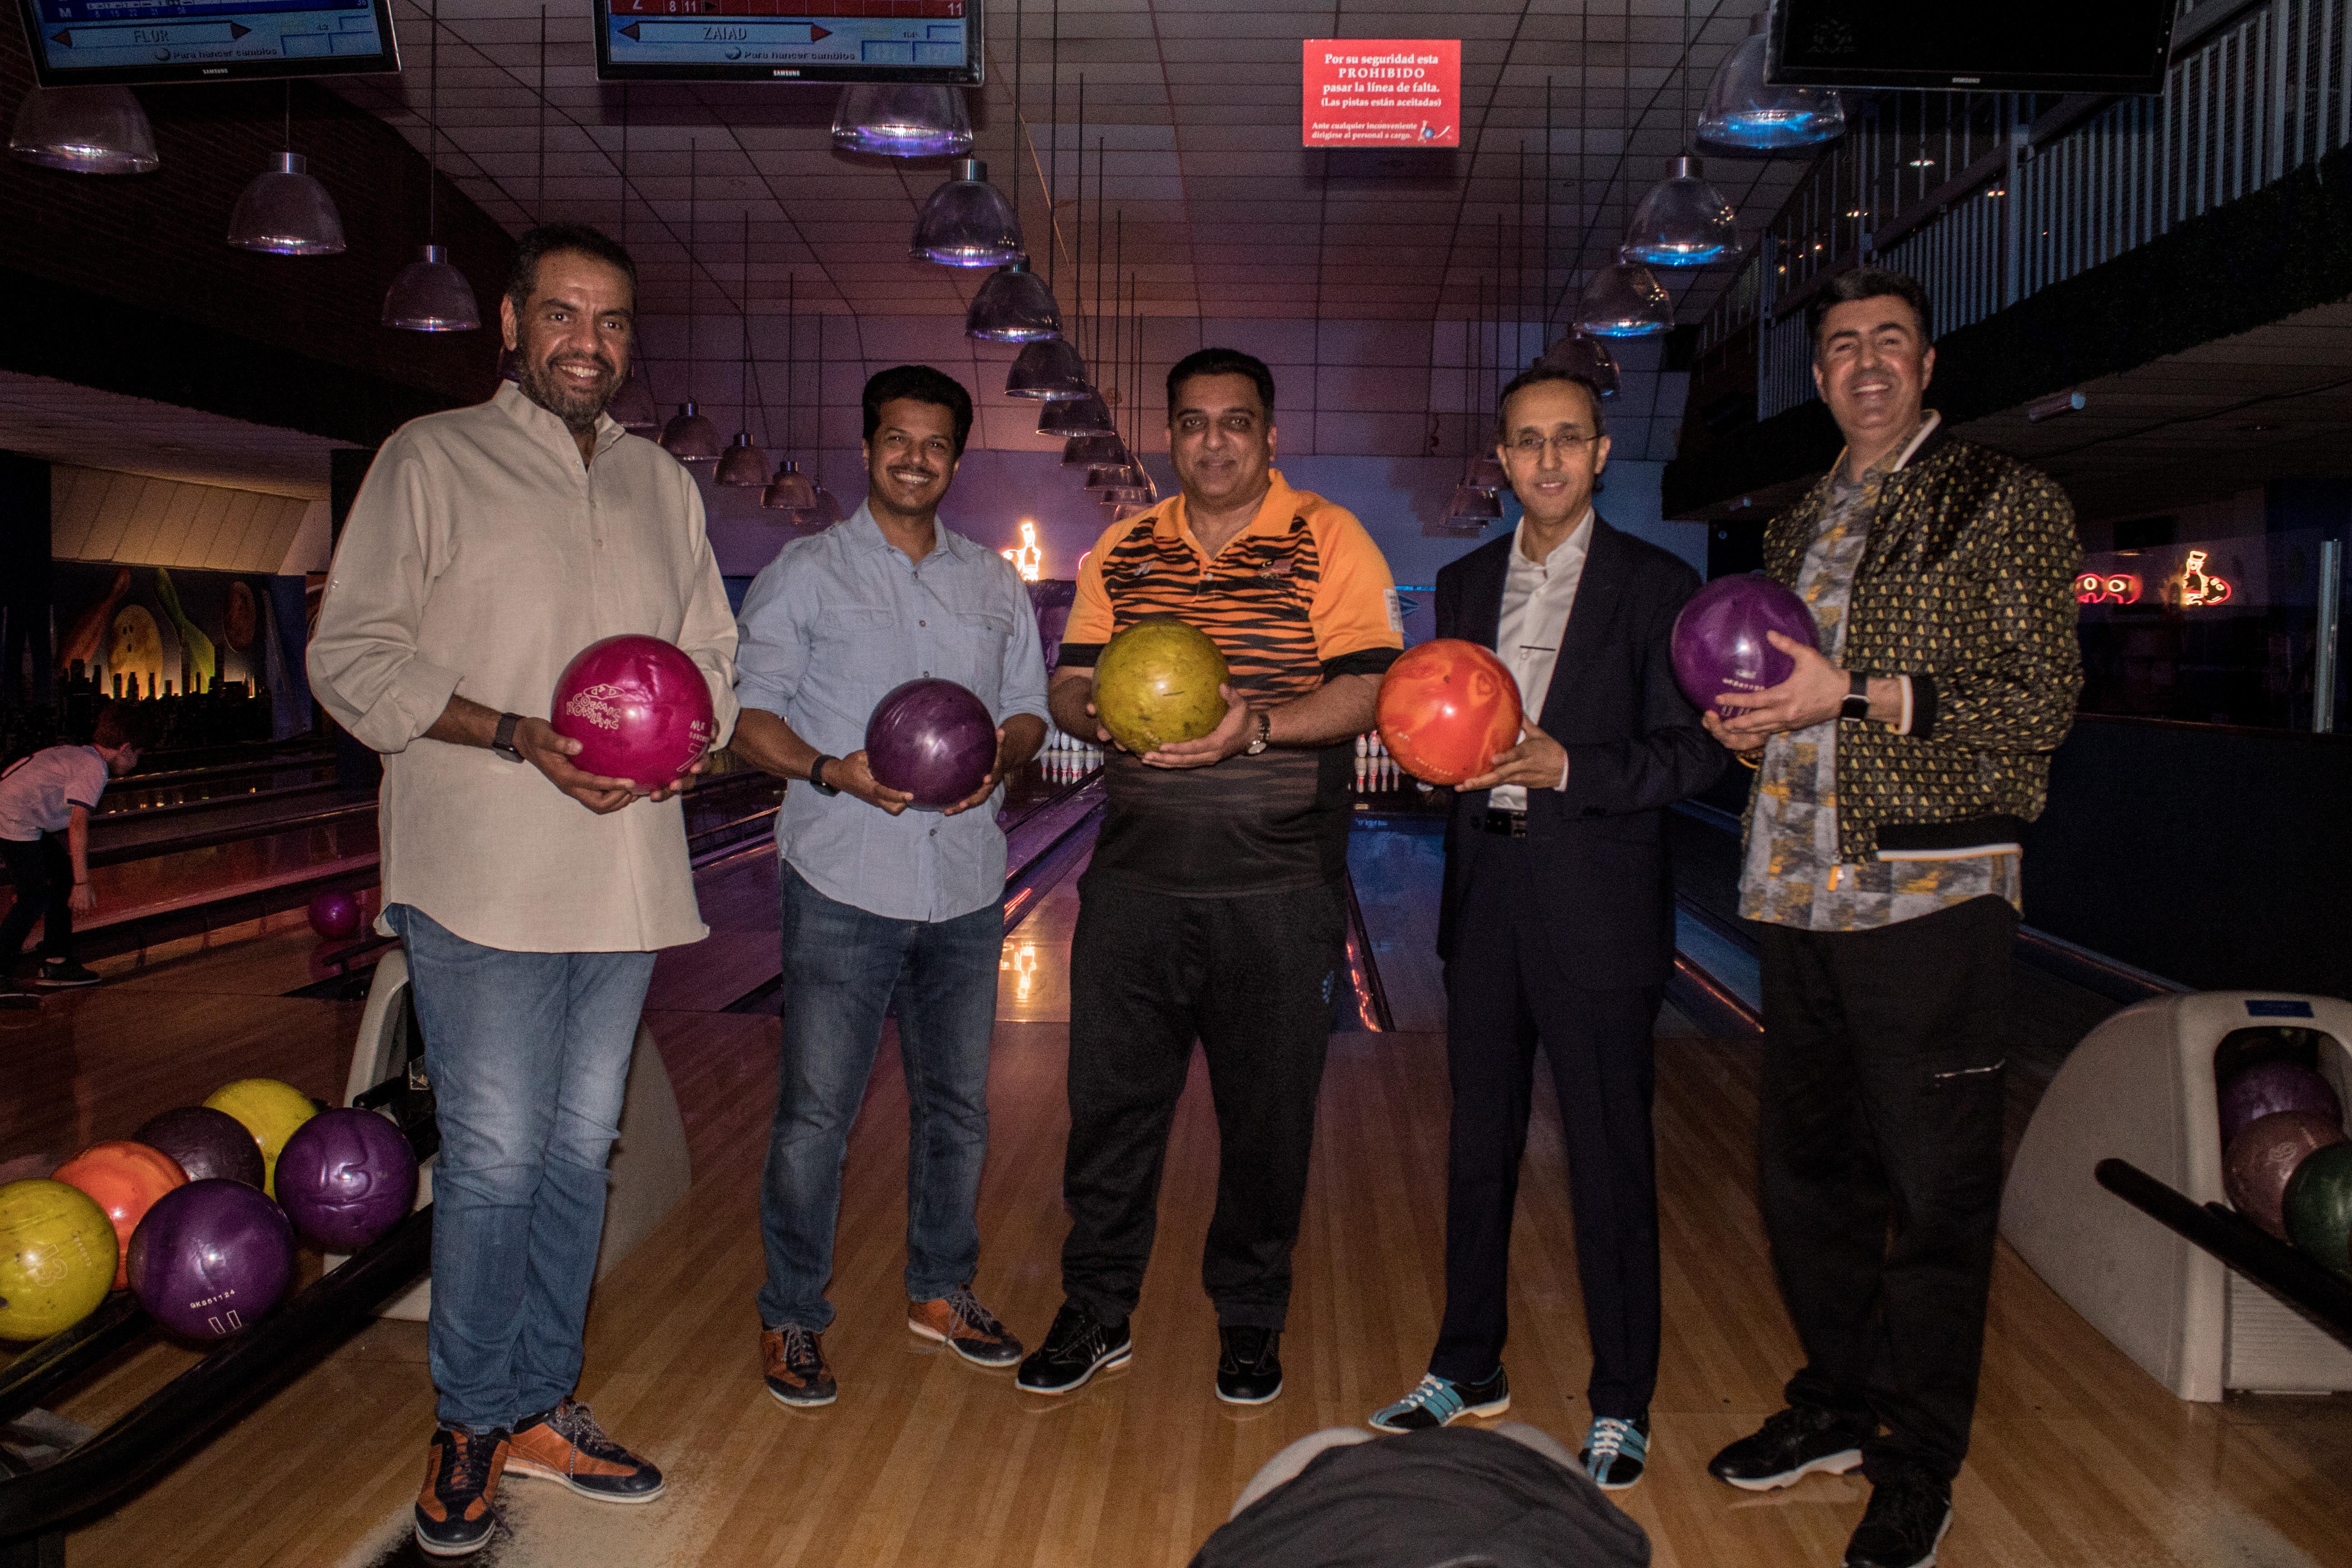 Los embajadores durante el partido de bowling